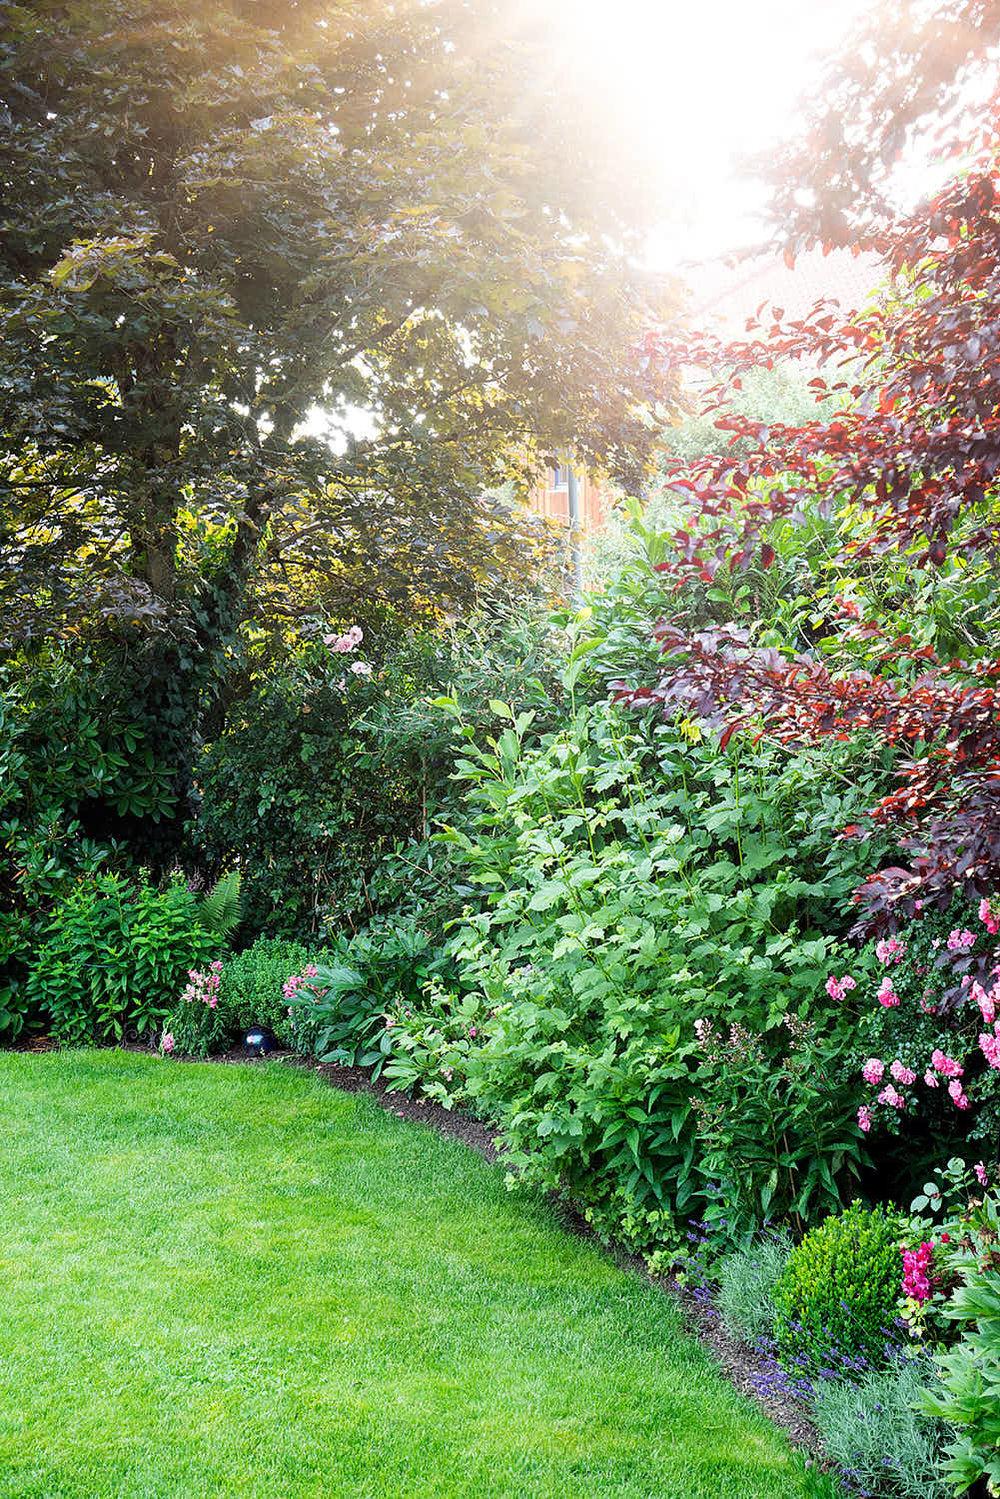 Epp-Gartenbau-Pflanzen-Pflege-89.jpg